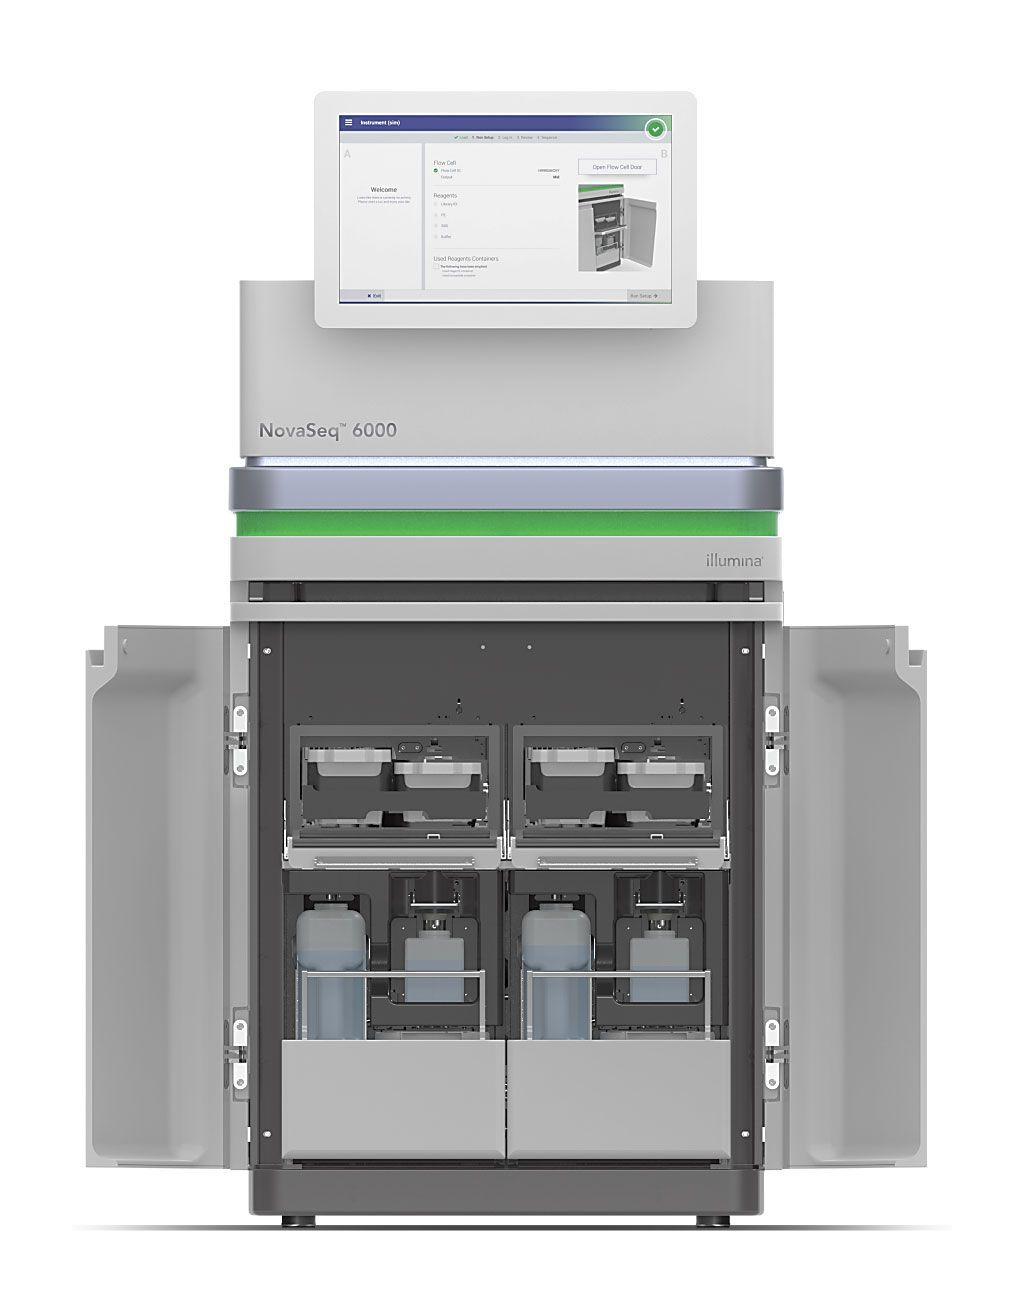 Imagen: El instrumento de secuenciación NovaSeq 6000 (Fotografía cortesía de Illumina)